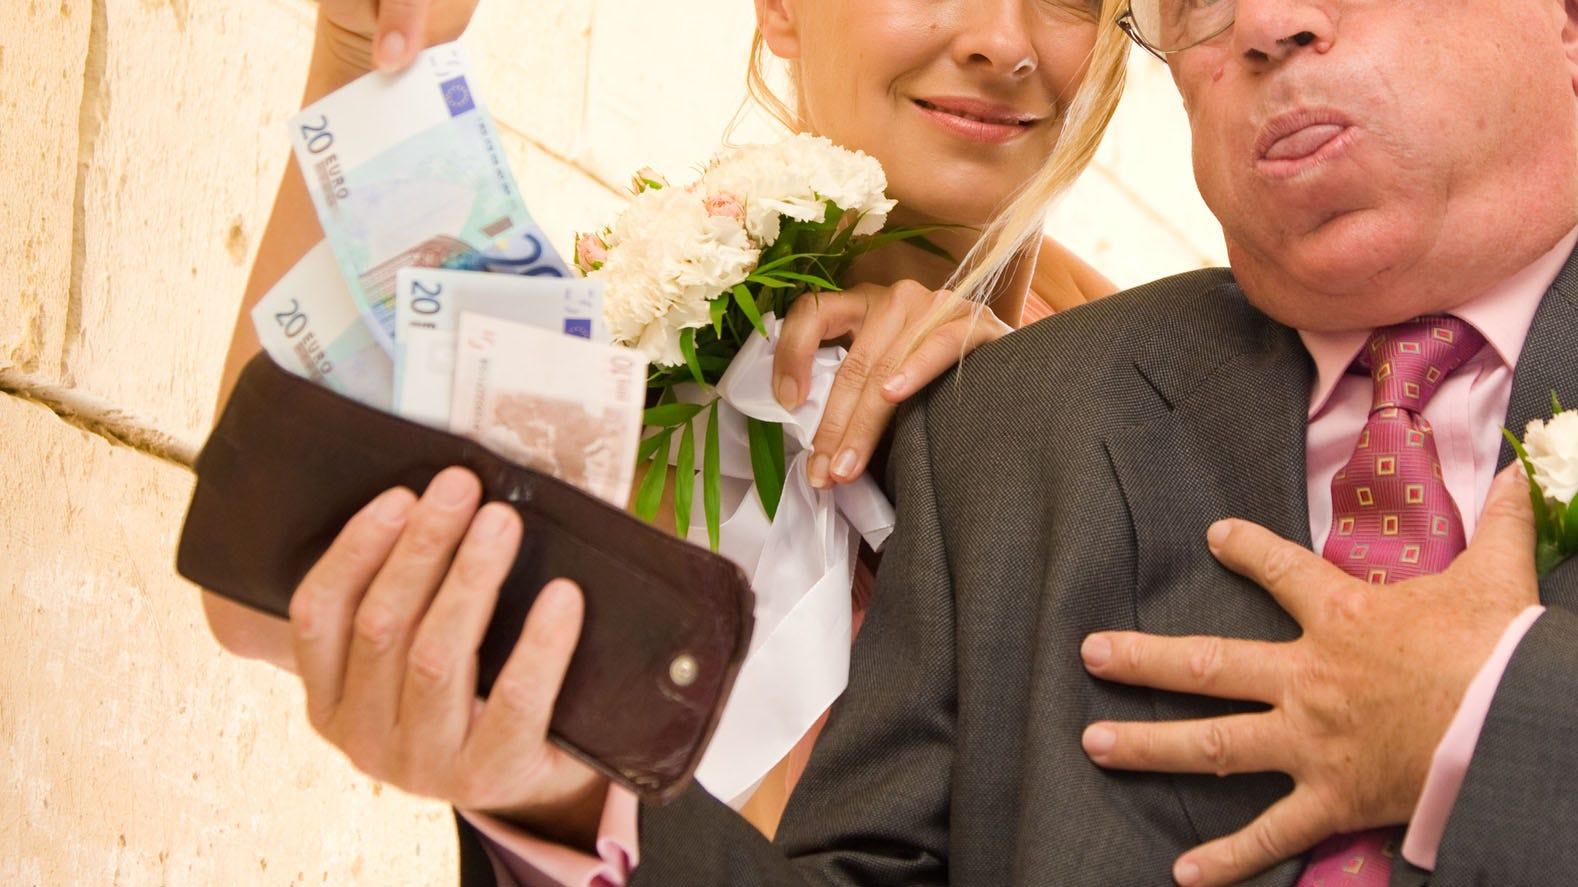 Νύφη θέλει τους επισκέπτες να πληρώσει εισιτήριο εκ των προτέρων για να πάρετε σχετικά με την